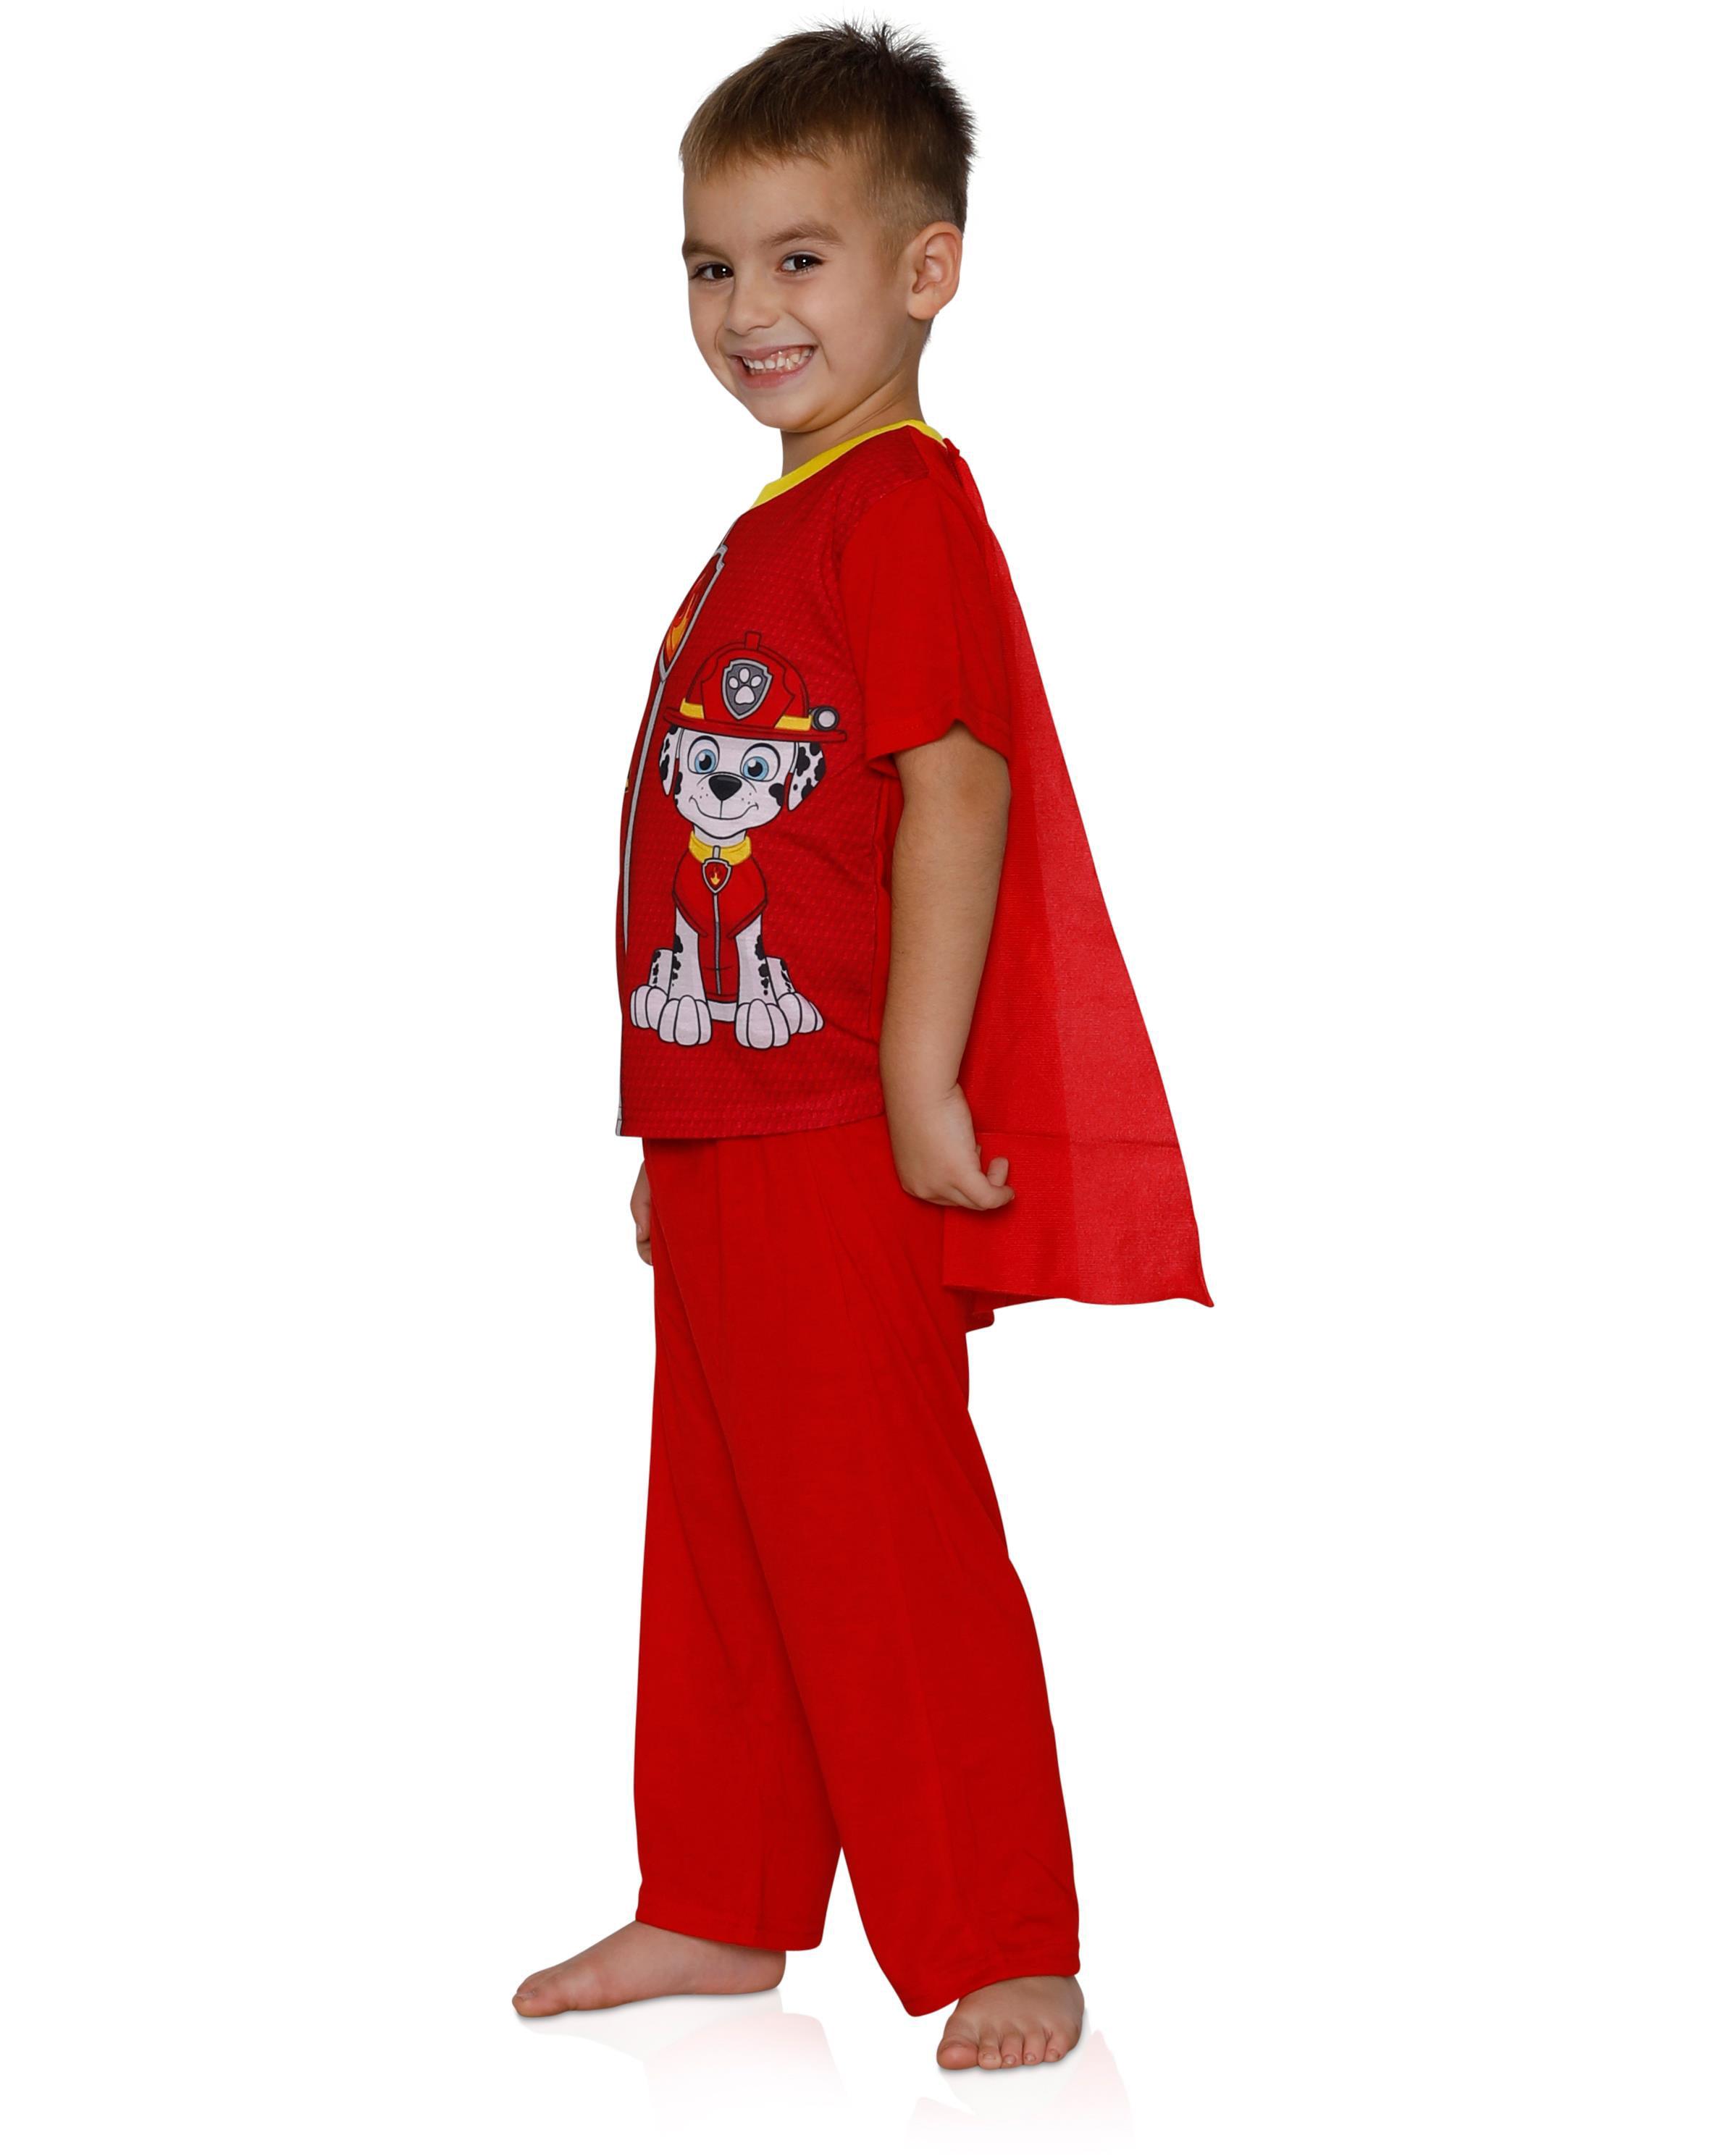 Paw Patrol Boys Marshall 2-Piece Uniform Set with Cape Pajama Set